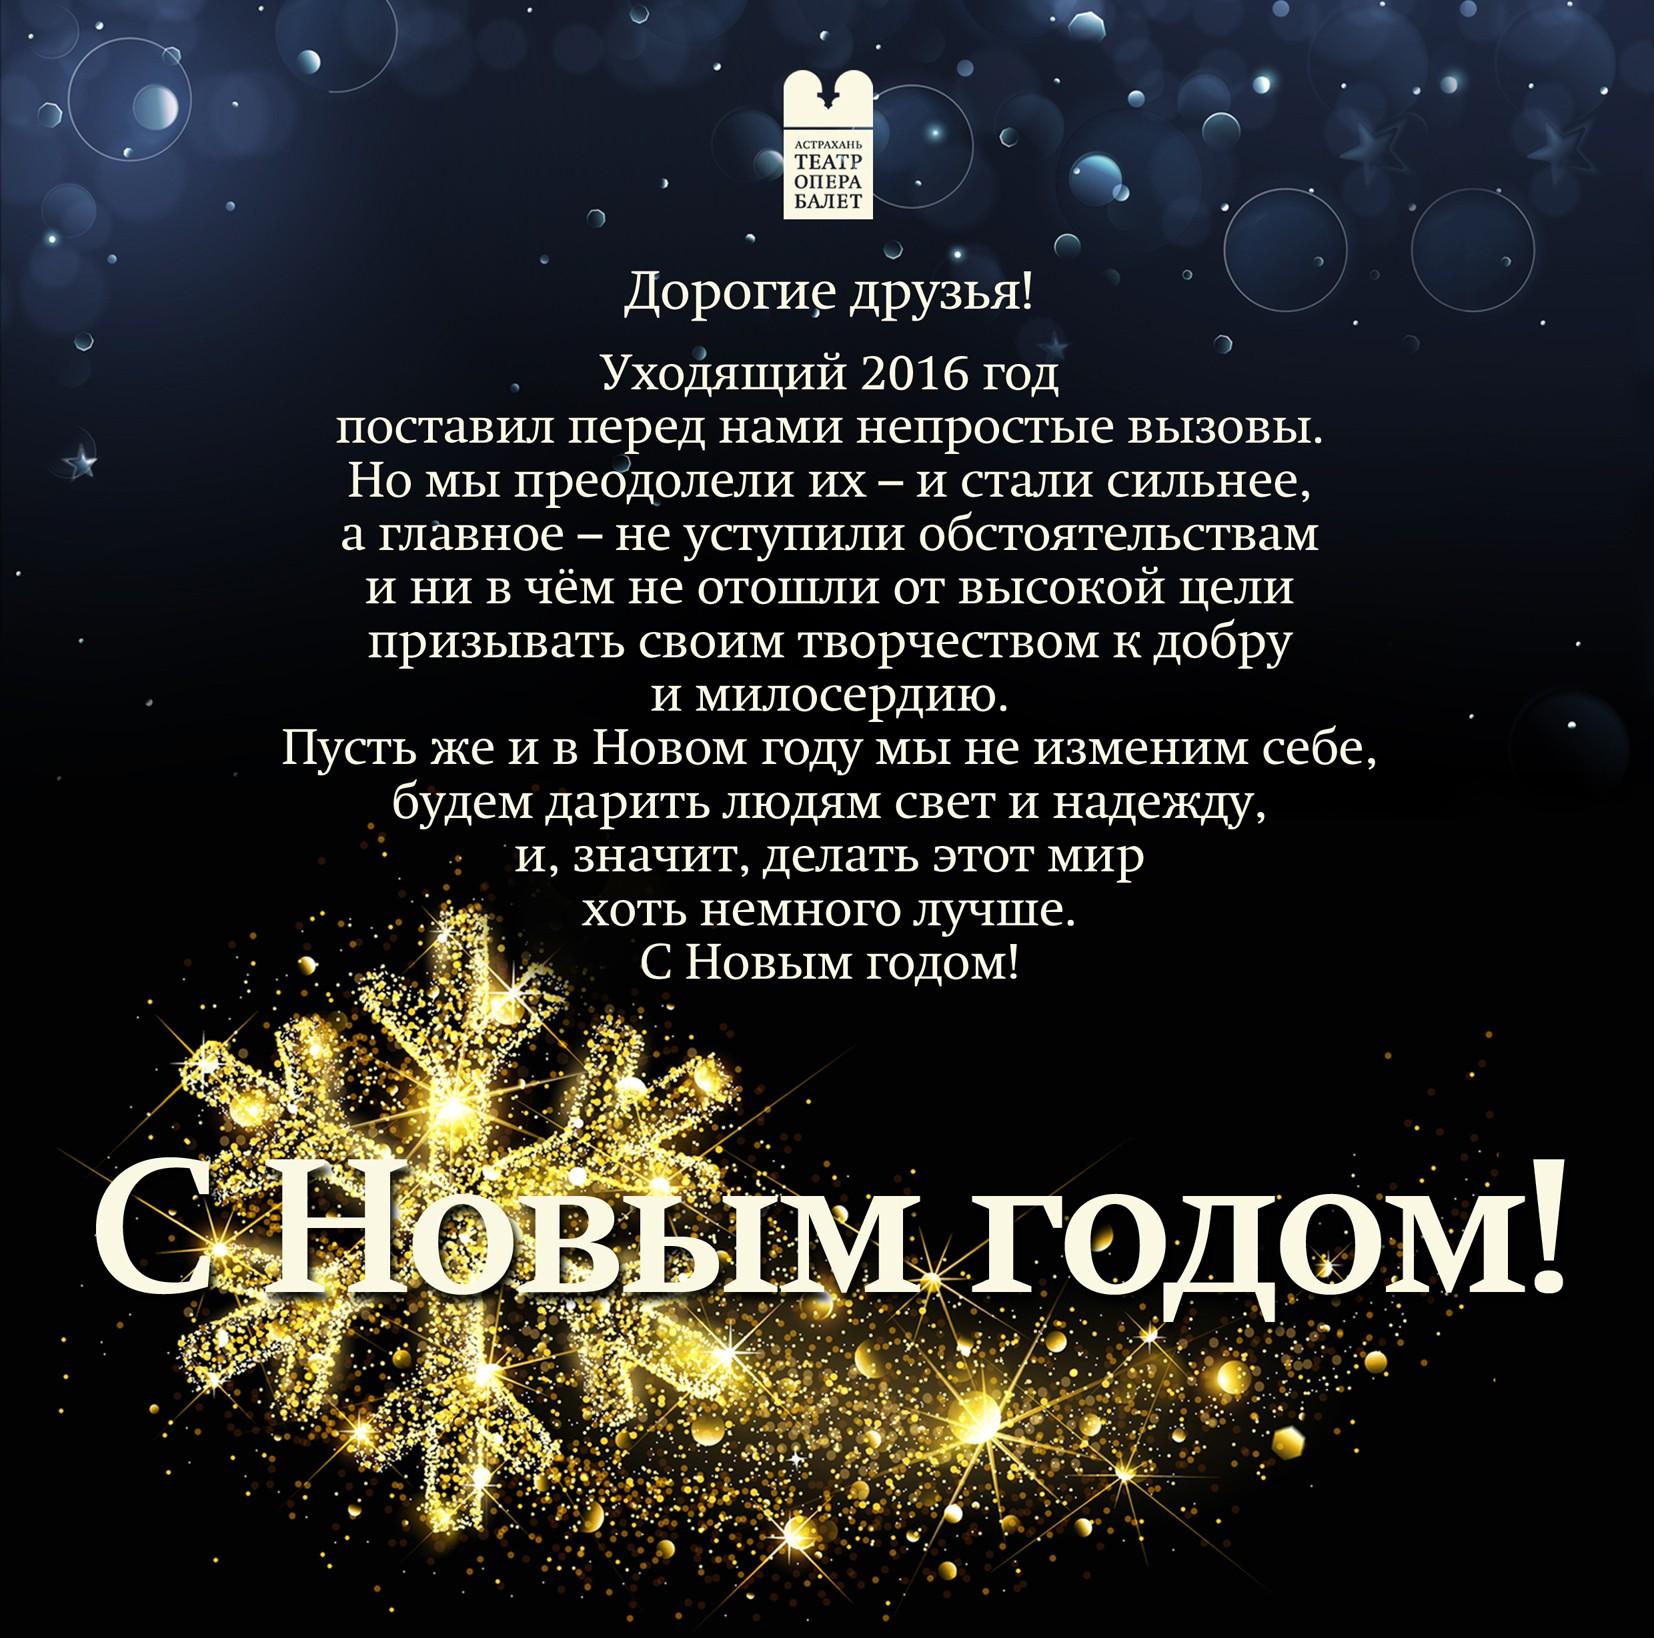 Новый год - это семейный праздник, который собирает у новогодней ёлки самых близких и родных людей.